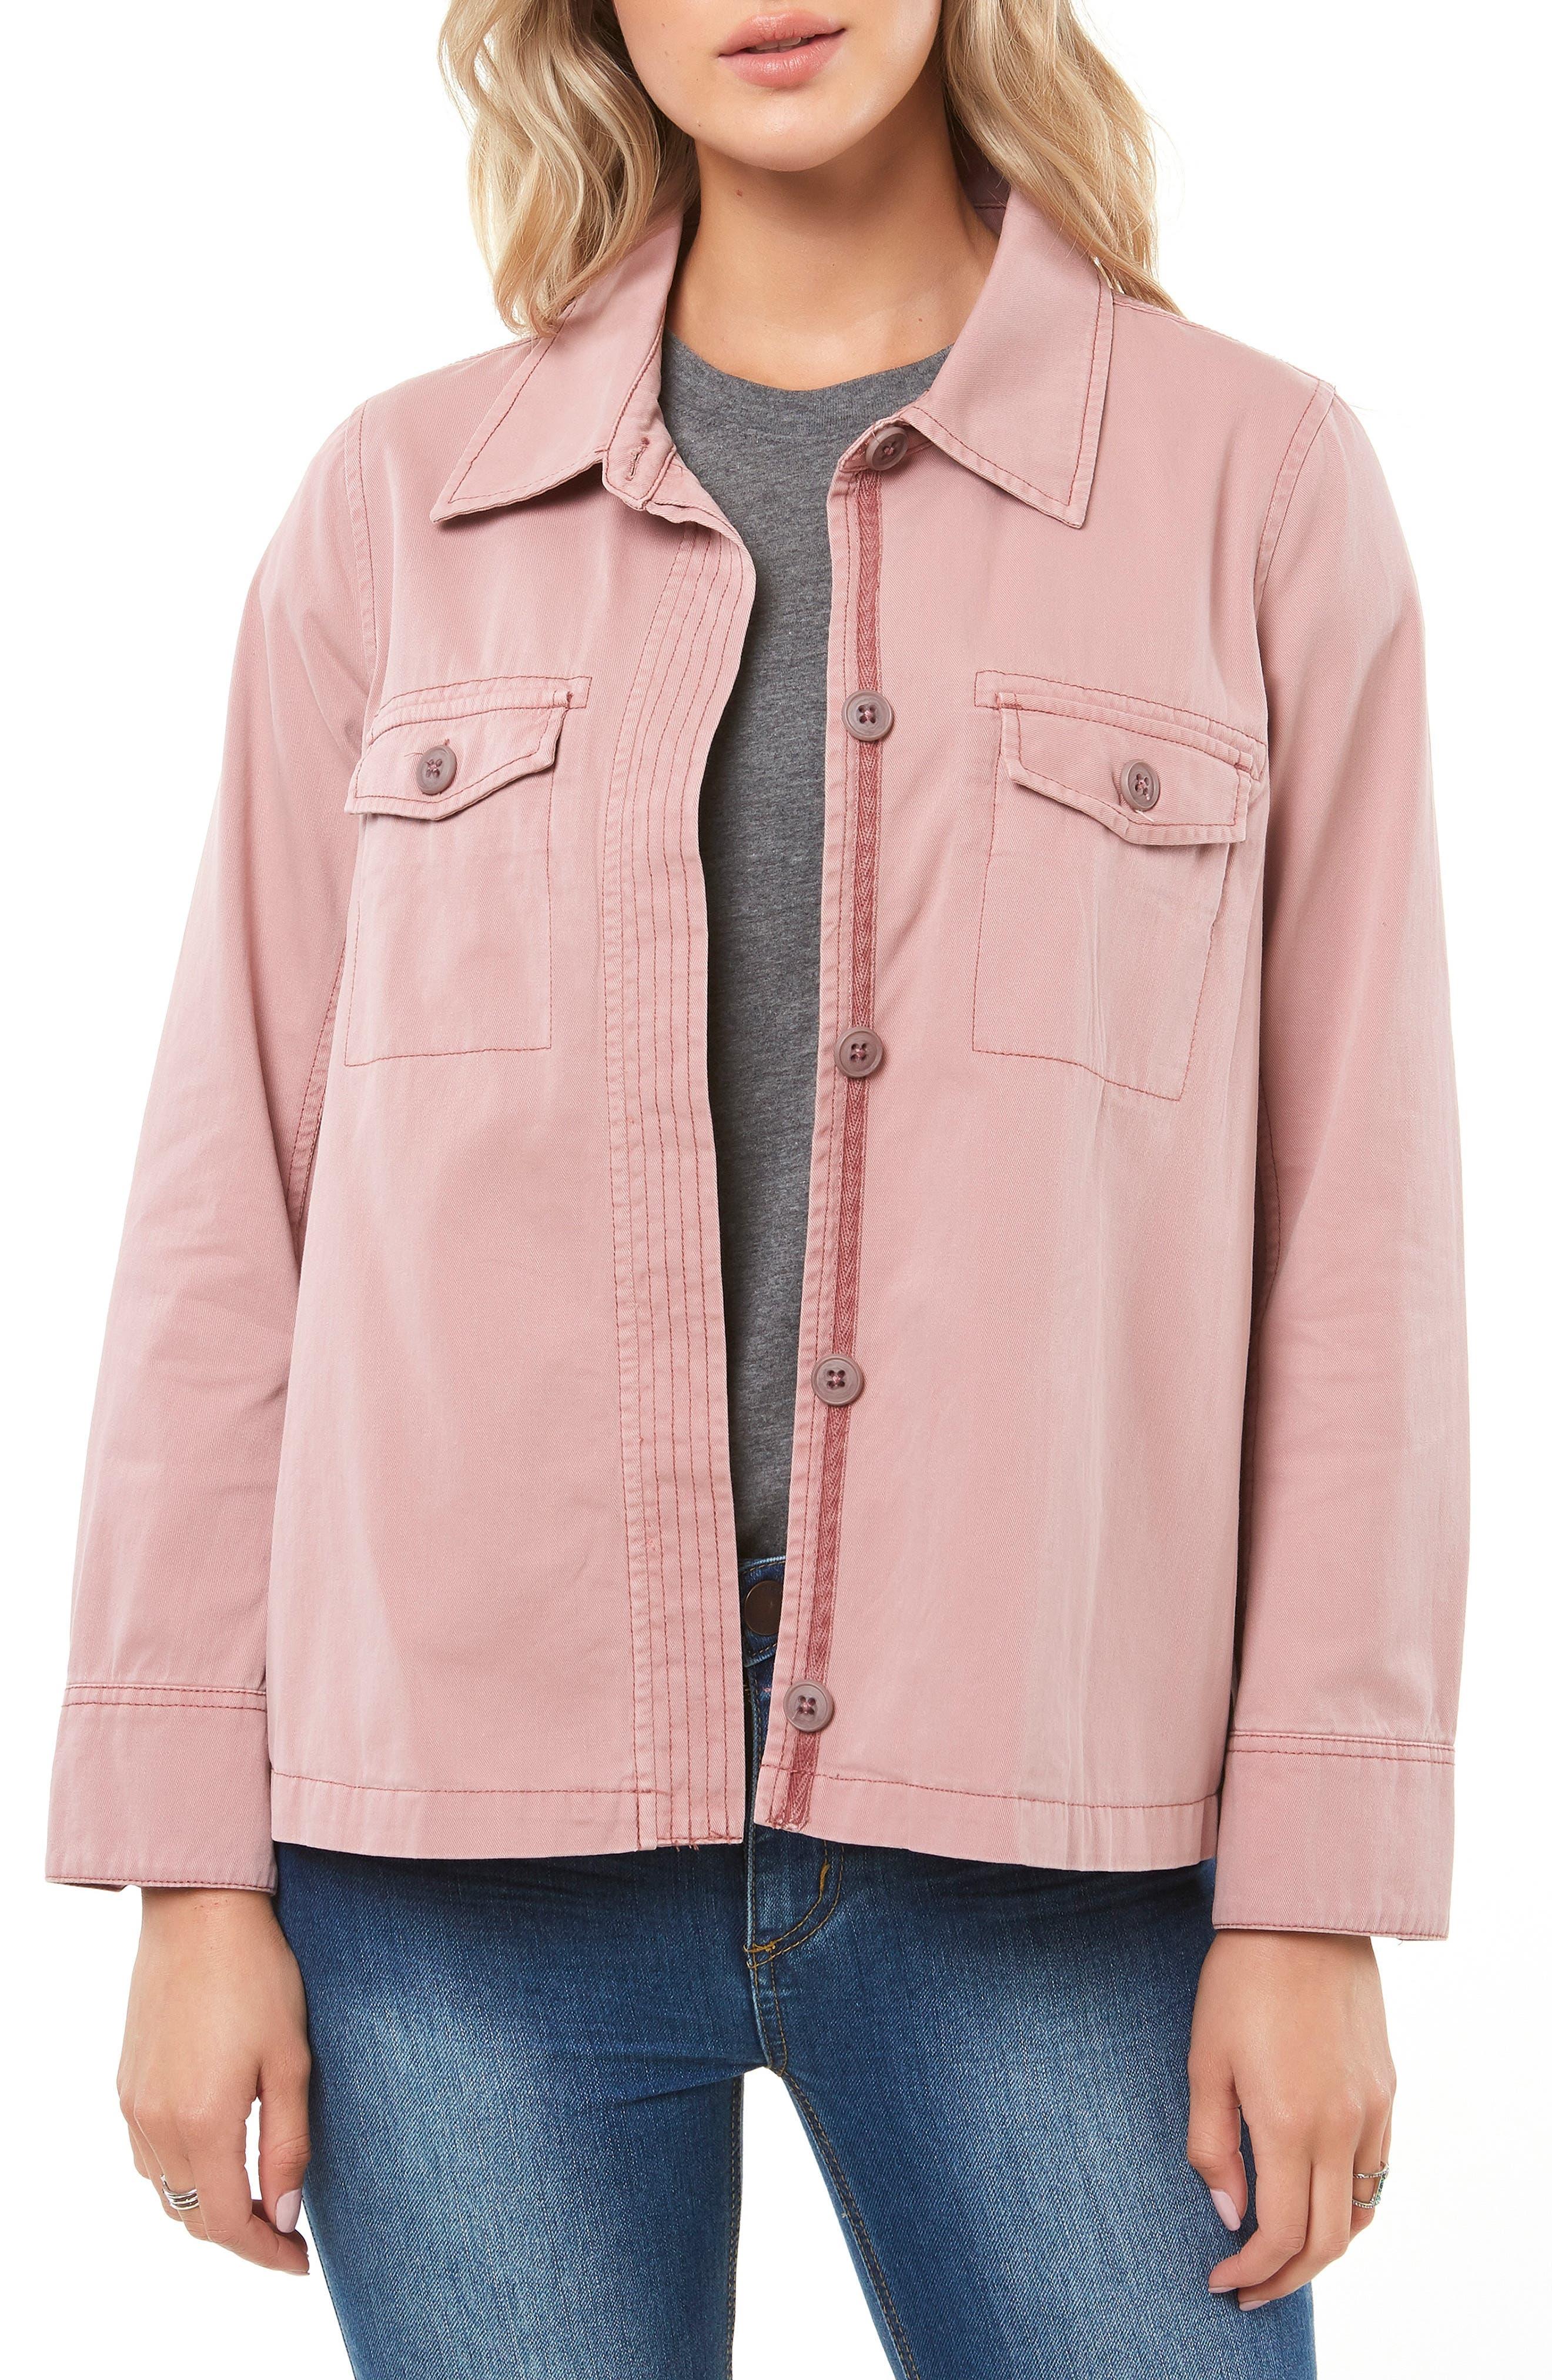 Ripley Twill Shirt Jacket,                             Main thumbnail 1, color,                             FAWN